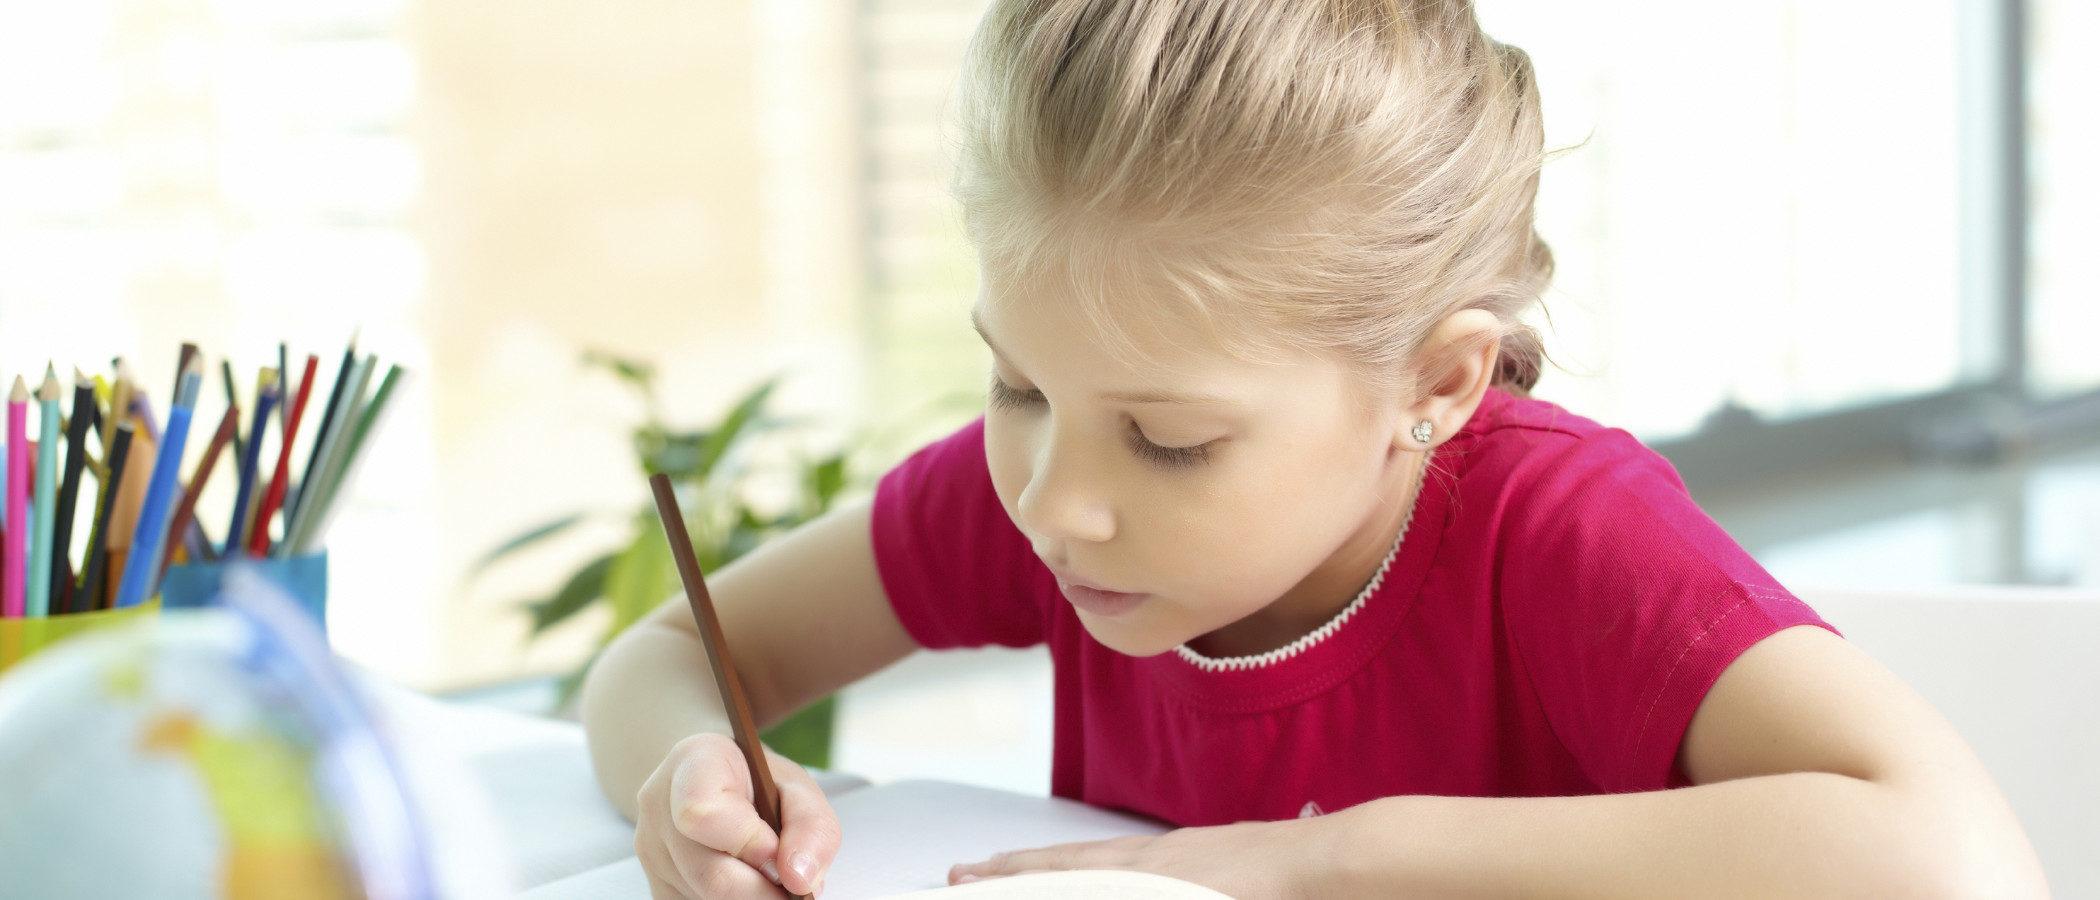 Cómo mejorar la concentración en niños